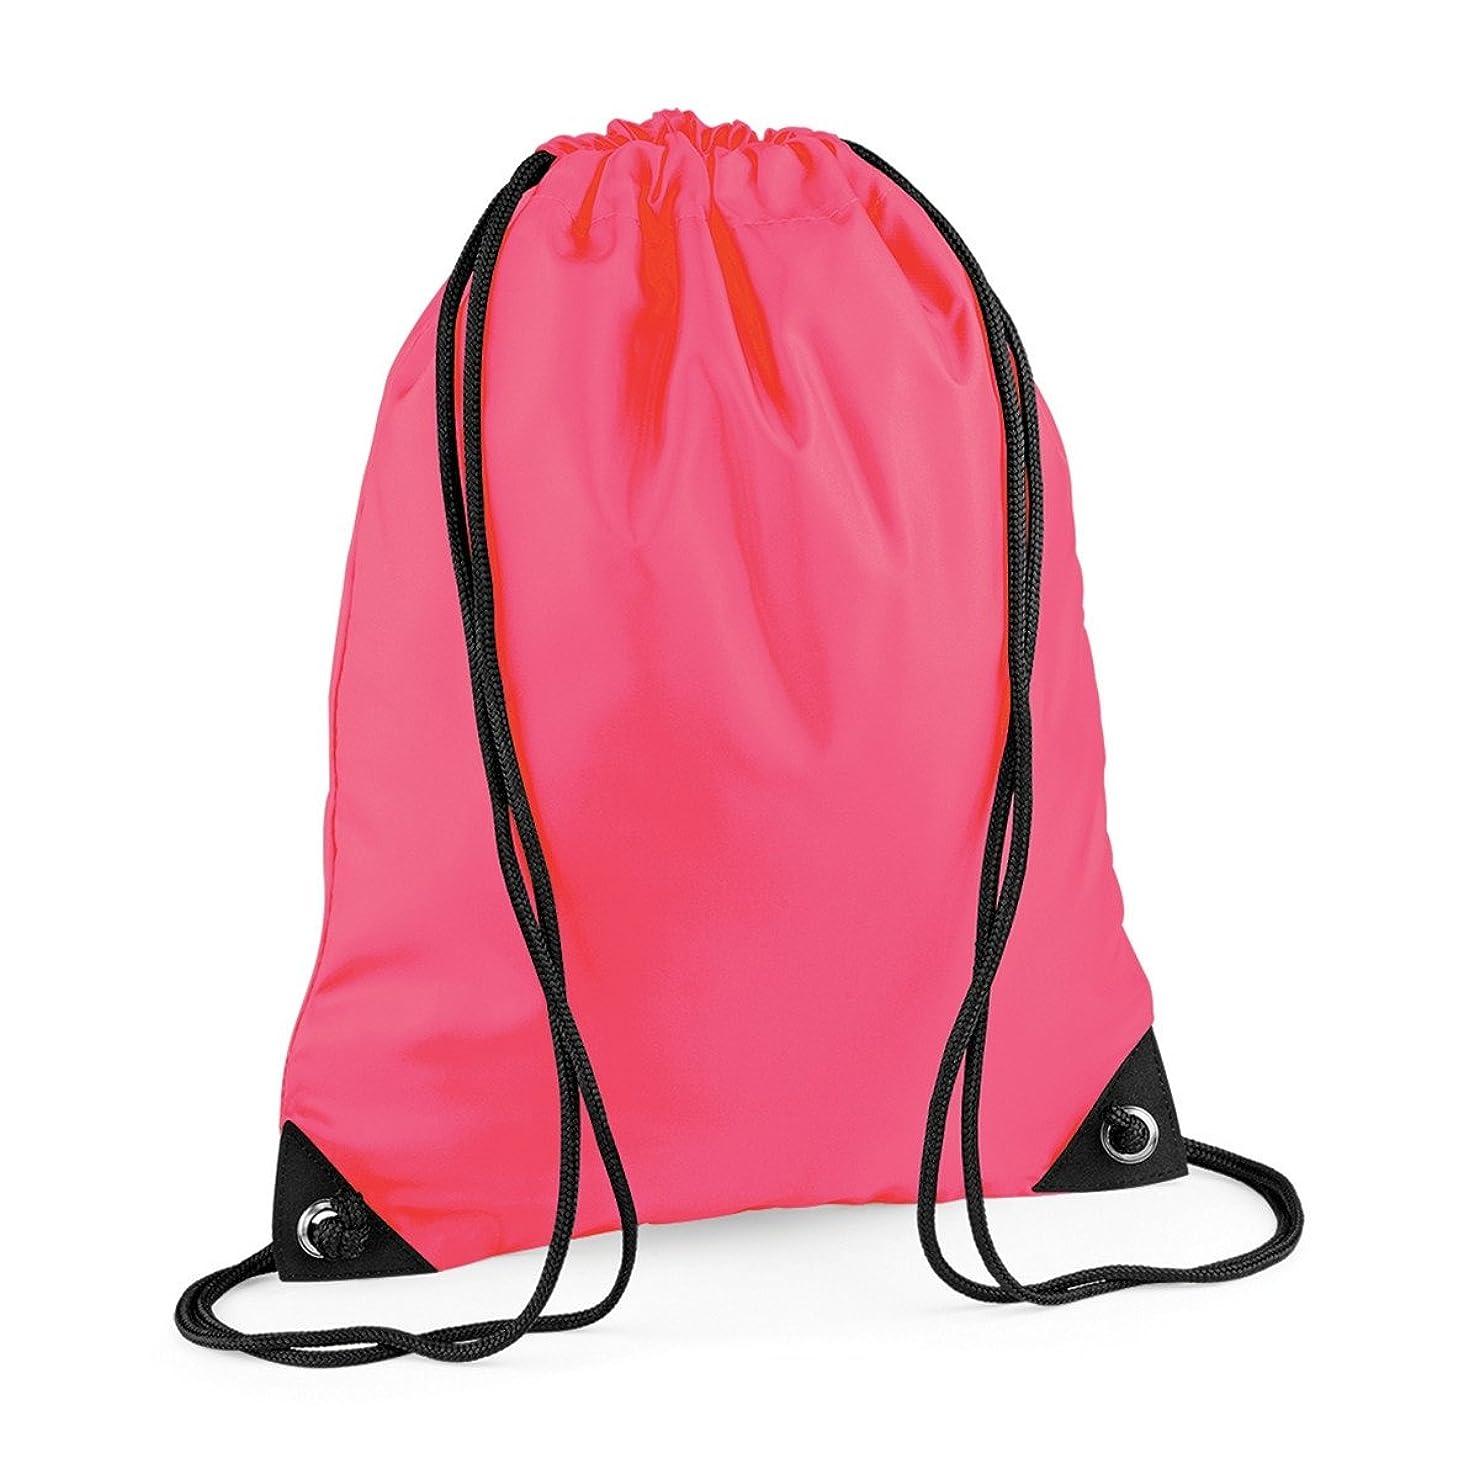 所属曖昧なオープナー(バッグベース) Bagbase 耐水加工 ジムスポーツ キャリーバッグ ナップサック 11リットル